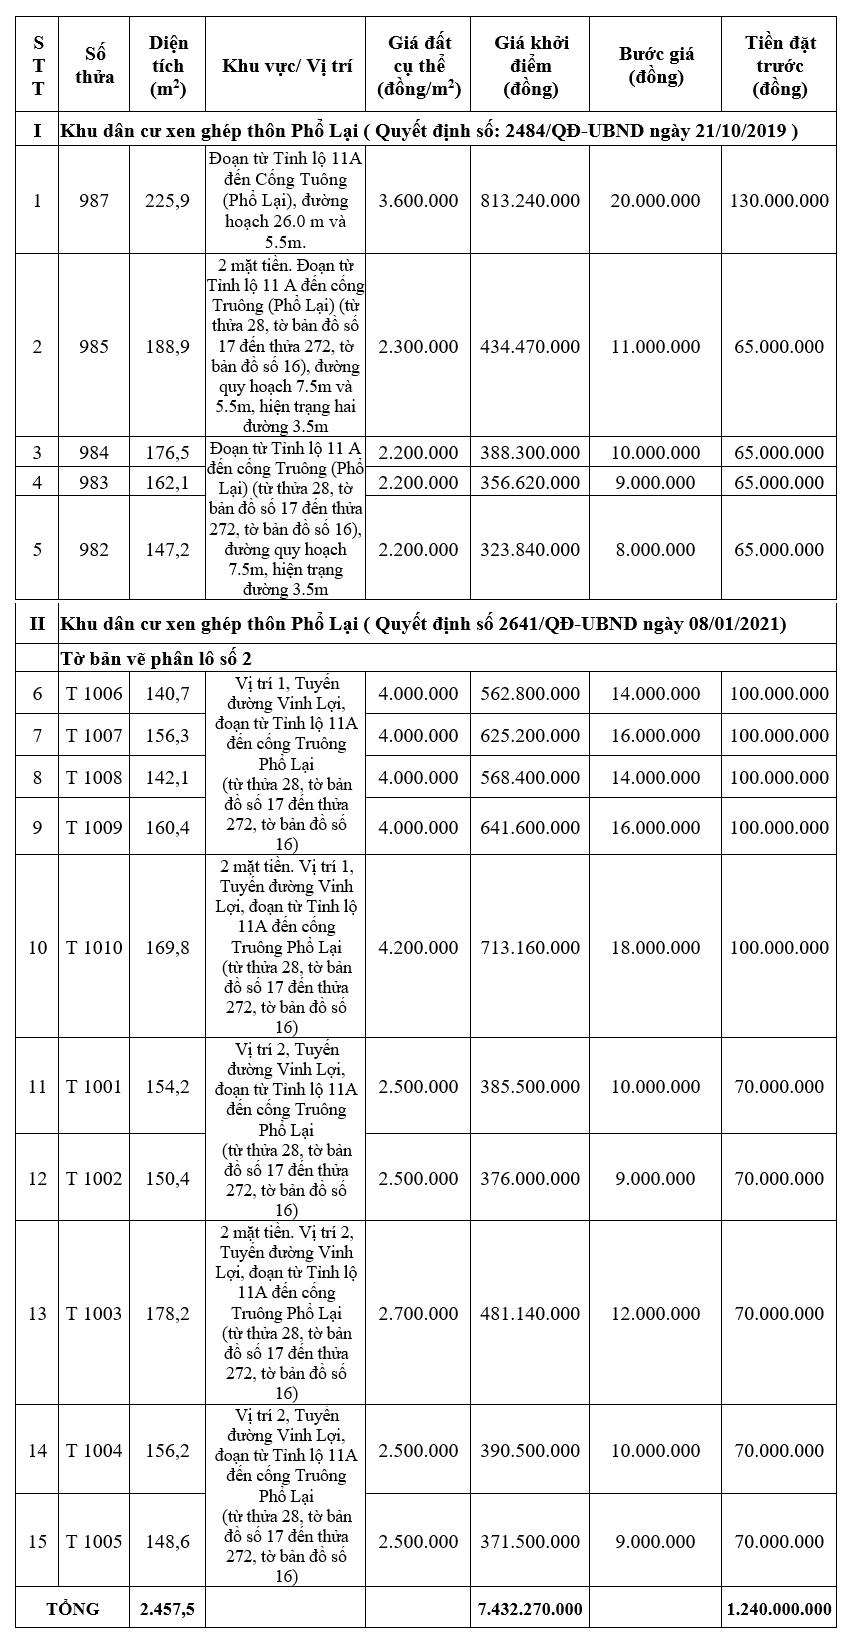 Đấu giá 20 lô đất tại huyện Quảng Điền, Thừa Thiên Huế, khởi điểm 2,2 triệu đồng/m2 - Ảnh 1.